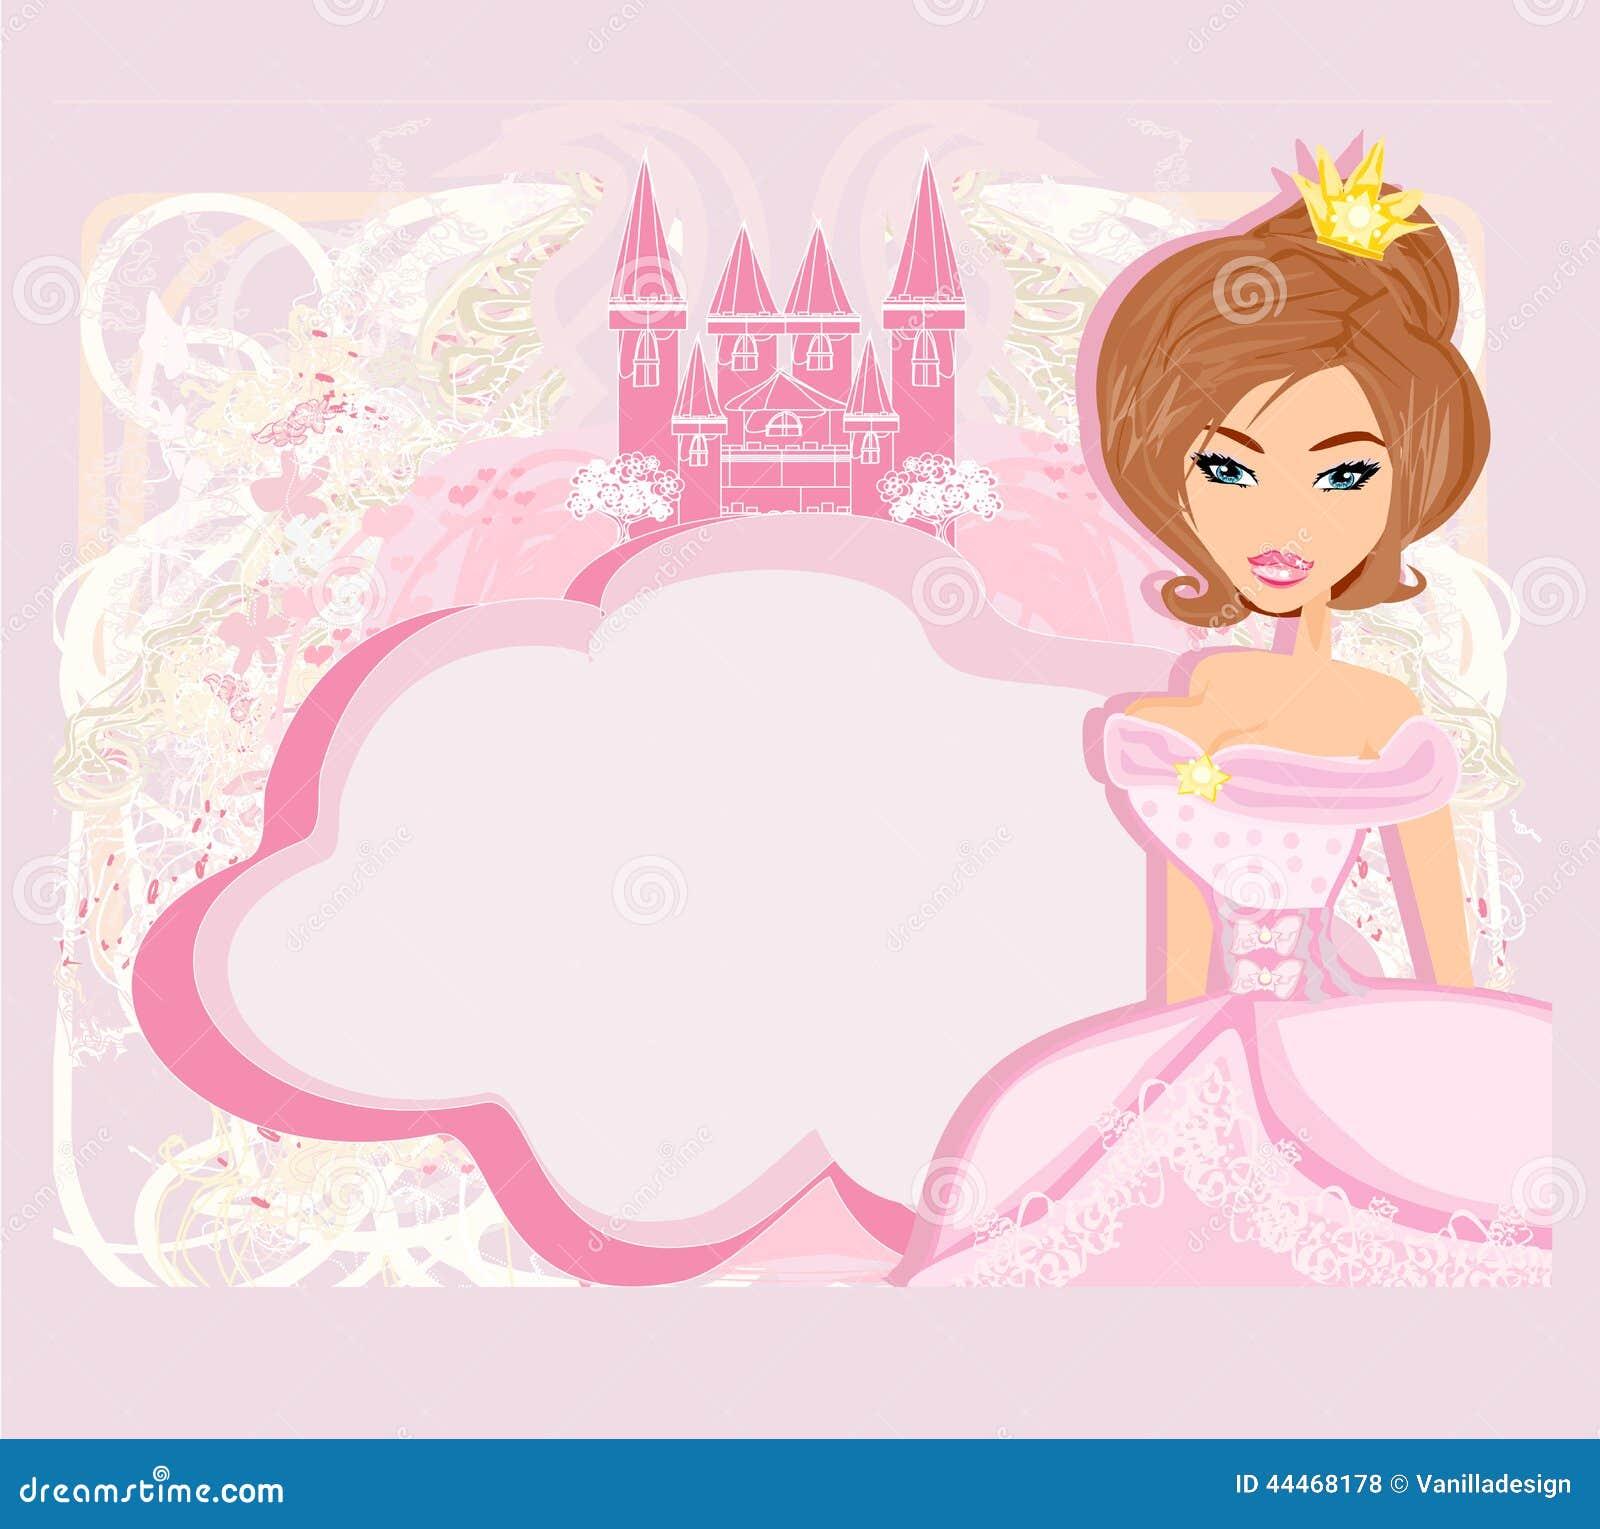 Marco Decorativo Con La Princesa Hermosa Y El Castillo Rosado ...